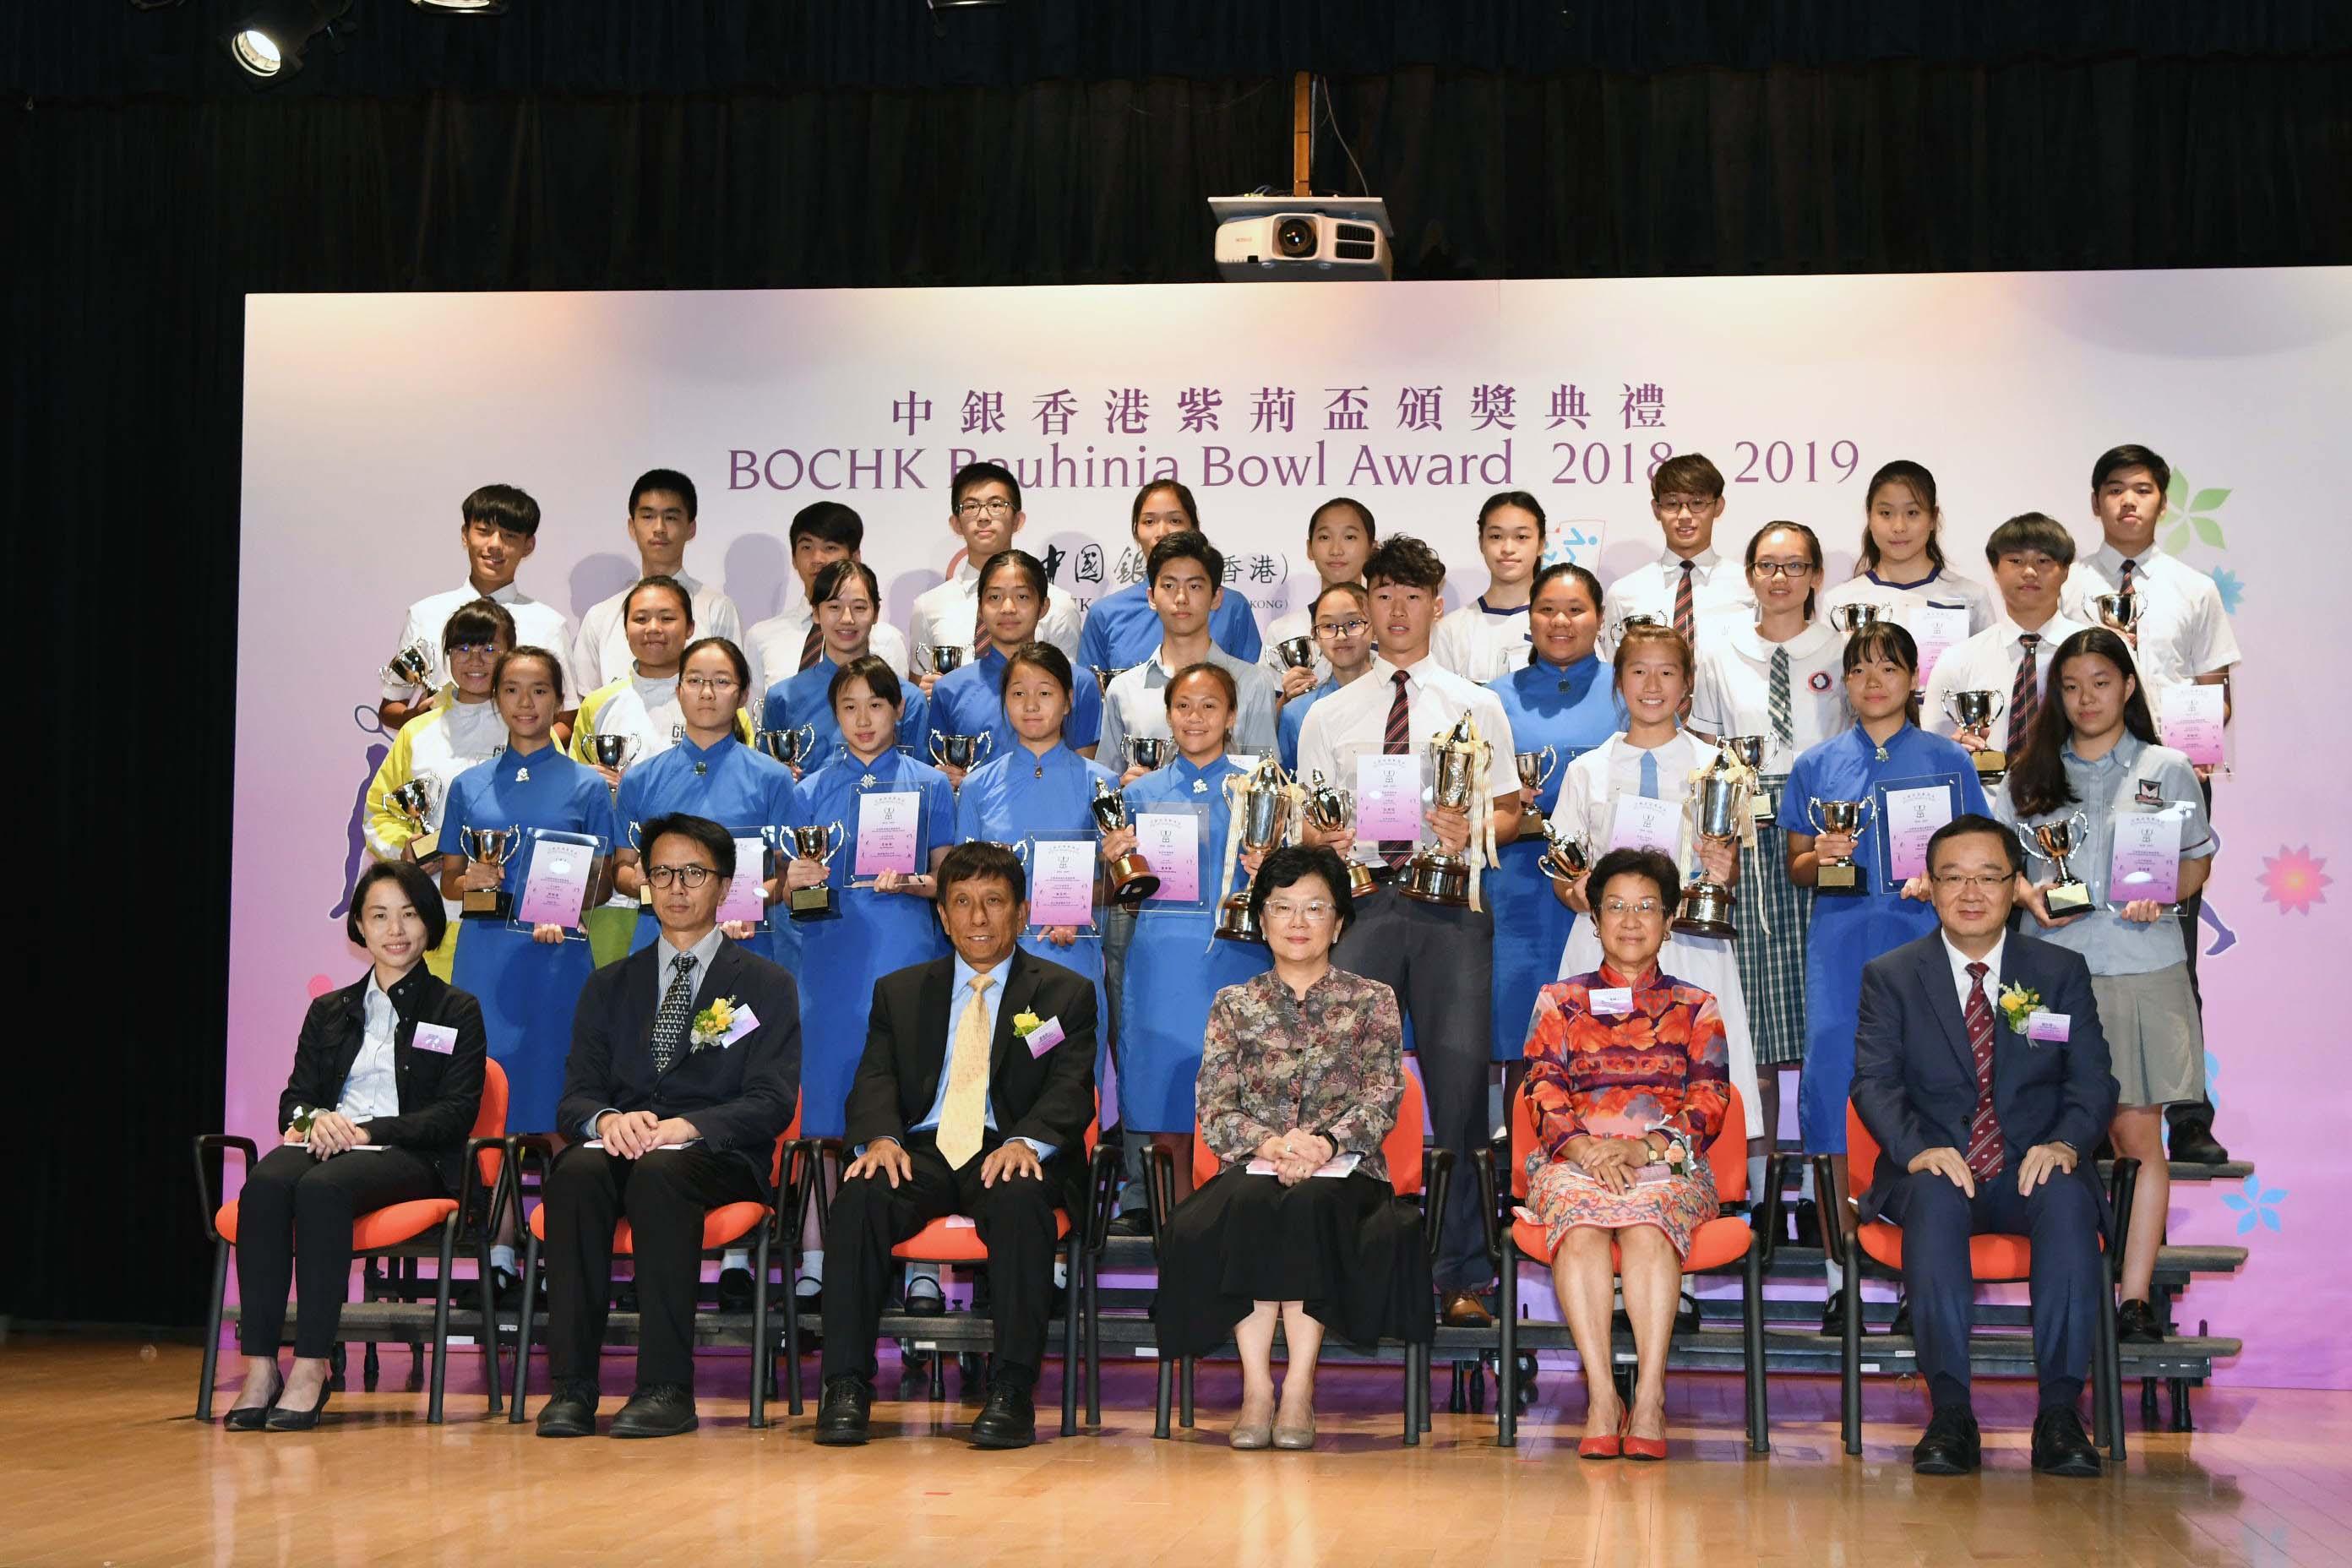 中銀香港紫荊盃獎項雲集三十四名學界體壇精英。郭晉朗攝